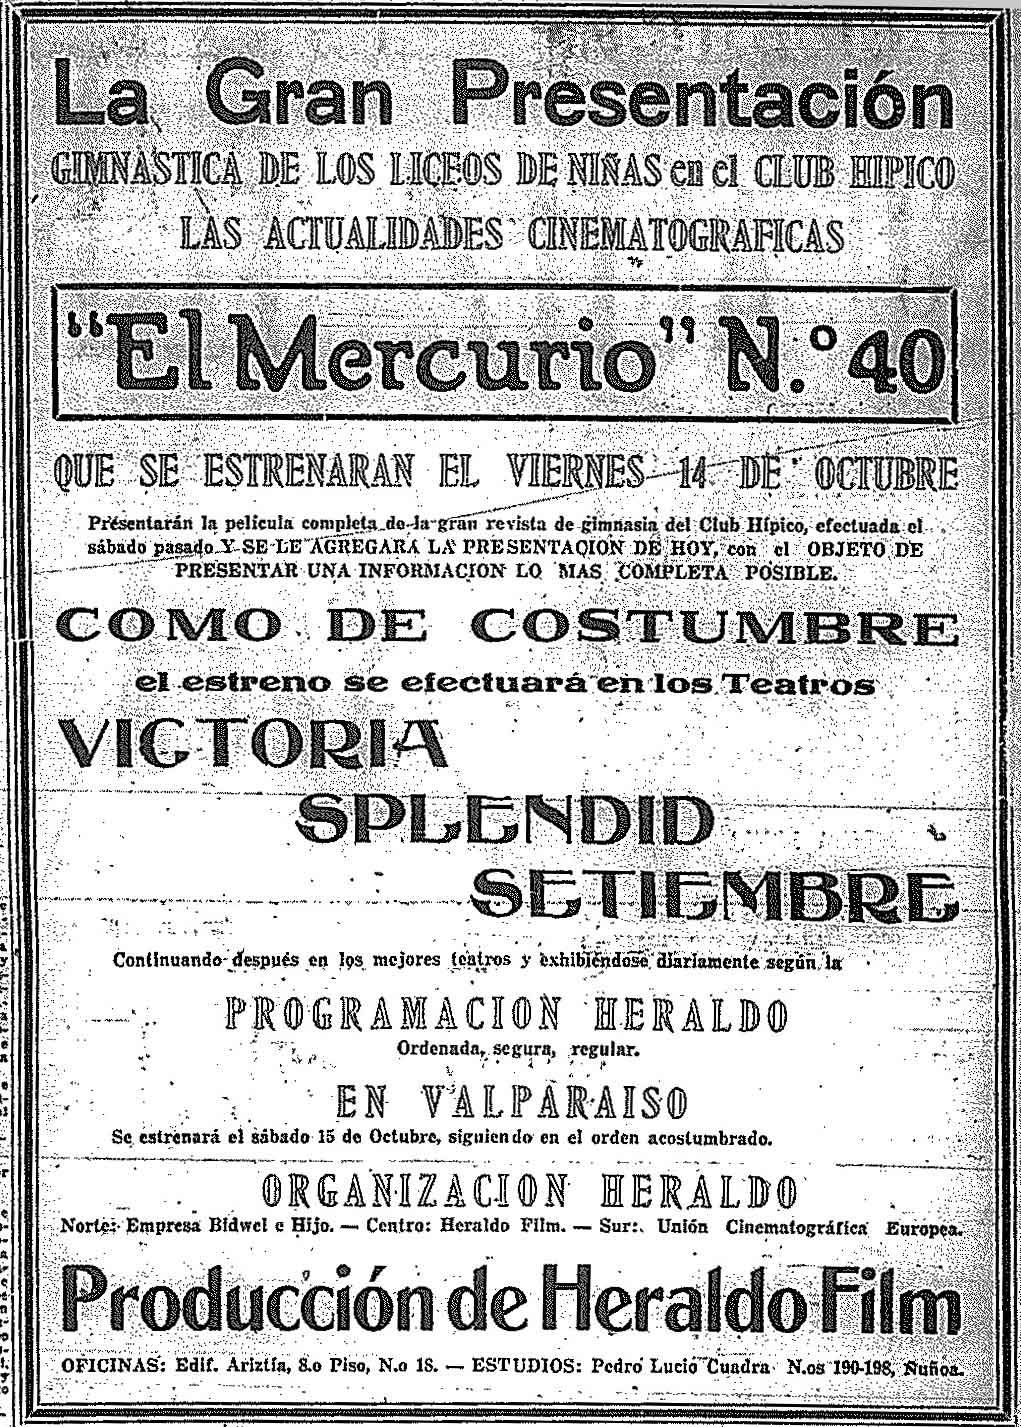 18.-revista-el-mercurio.jpg